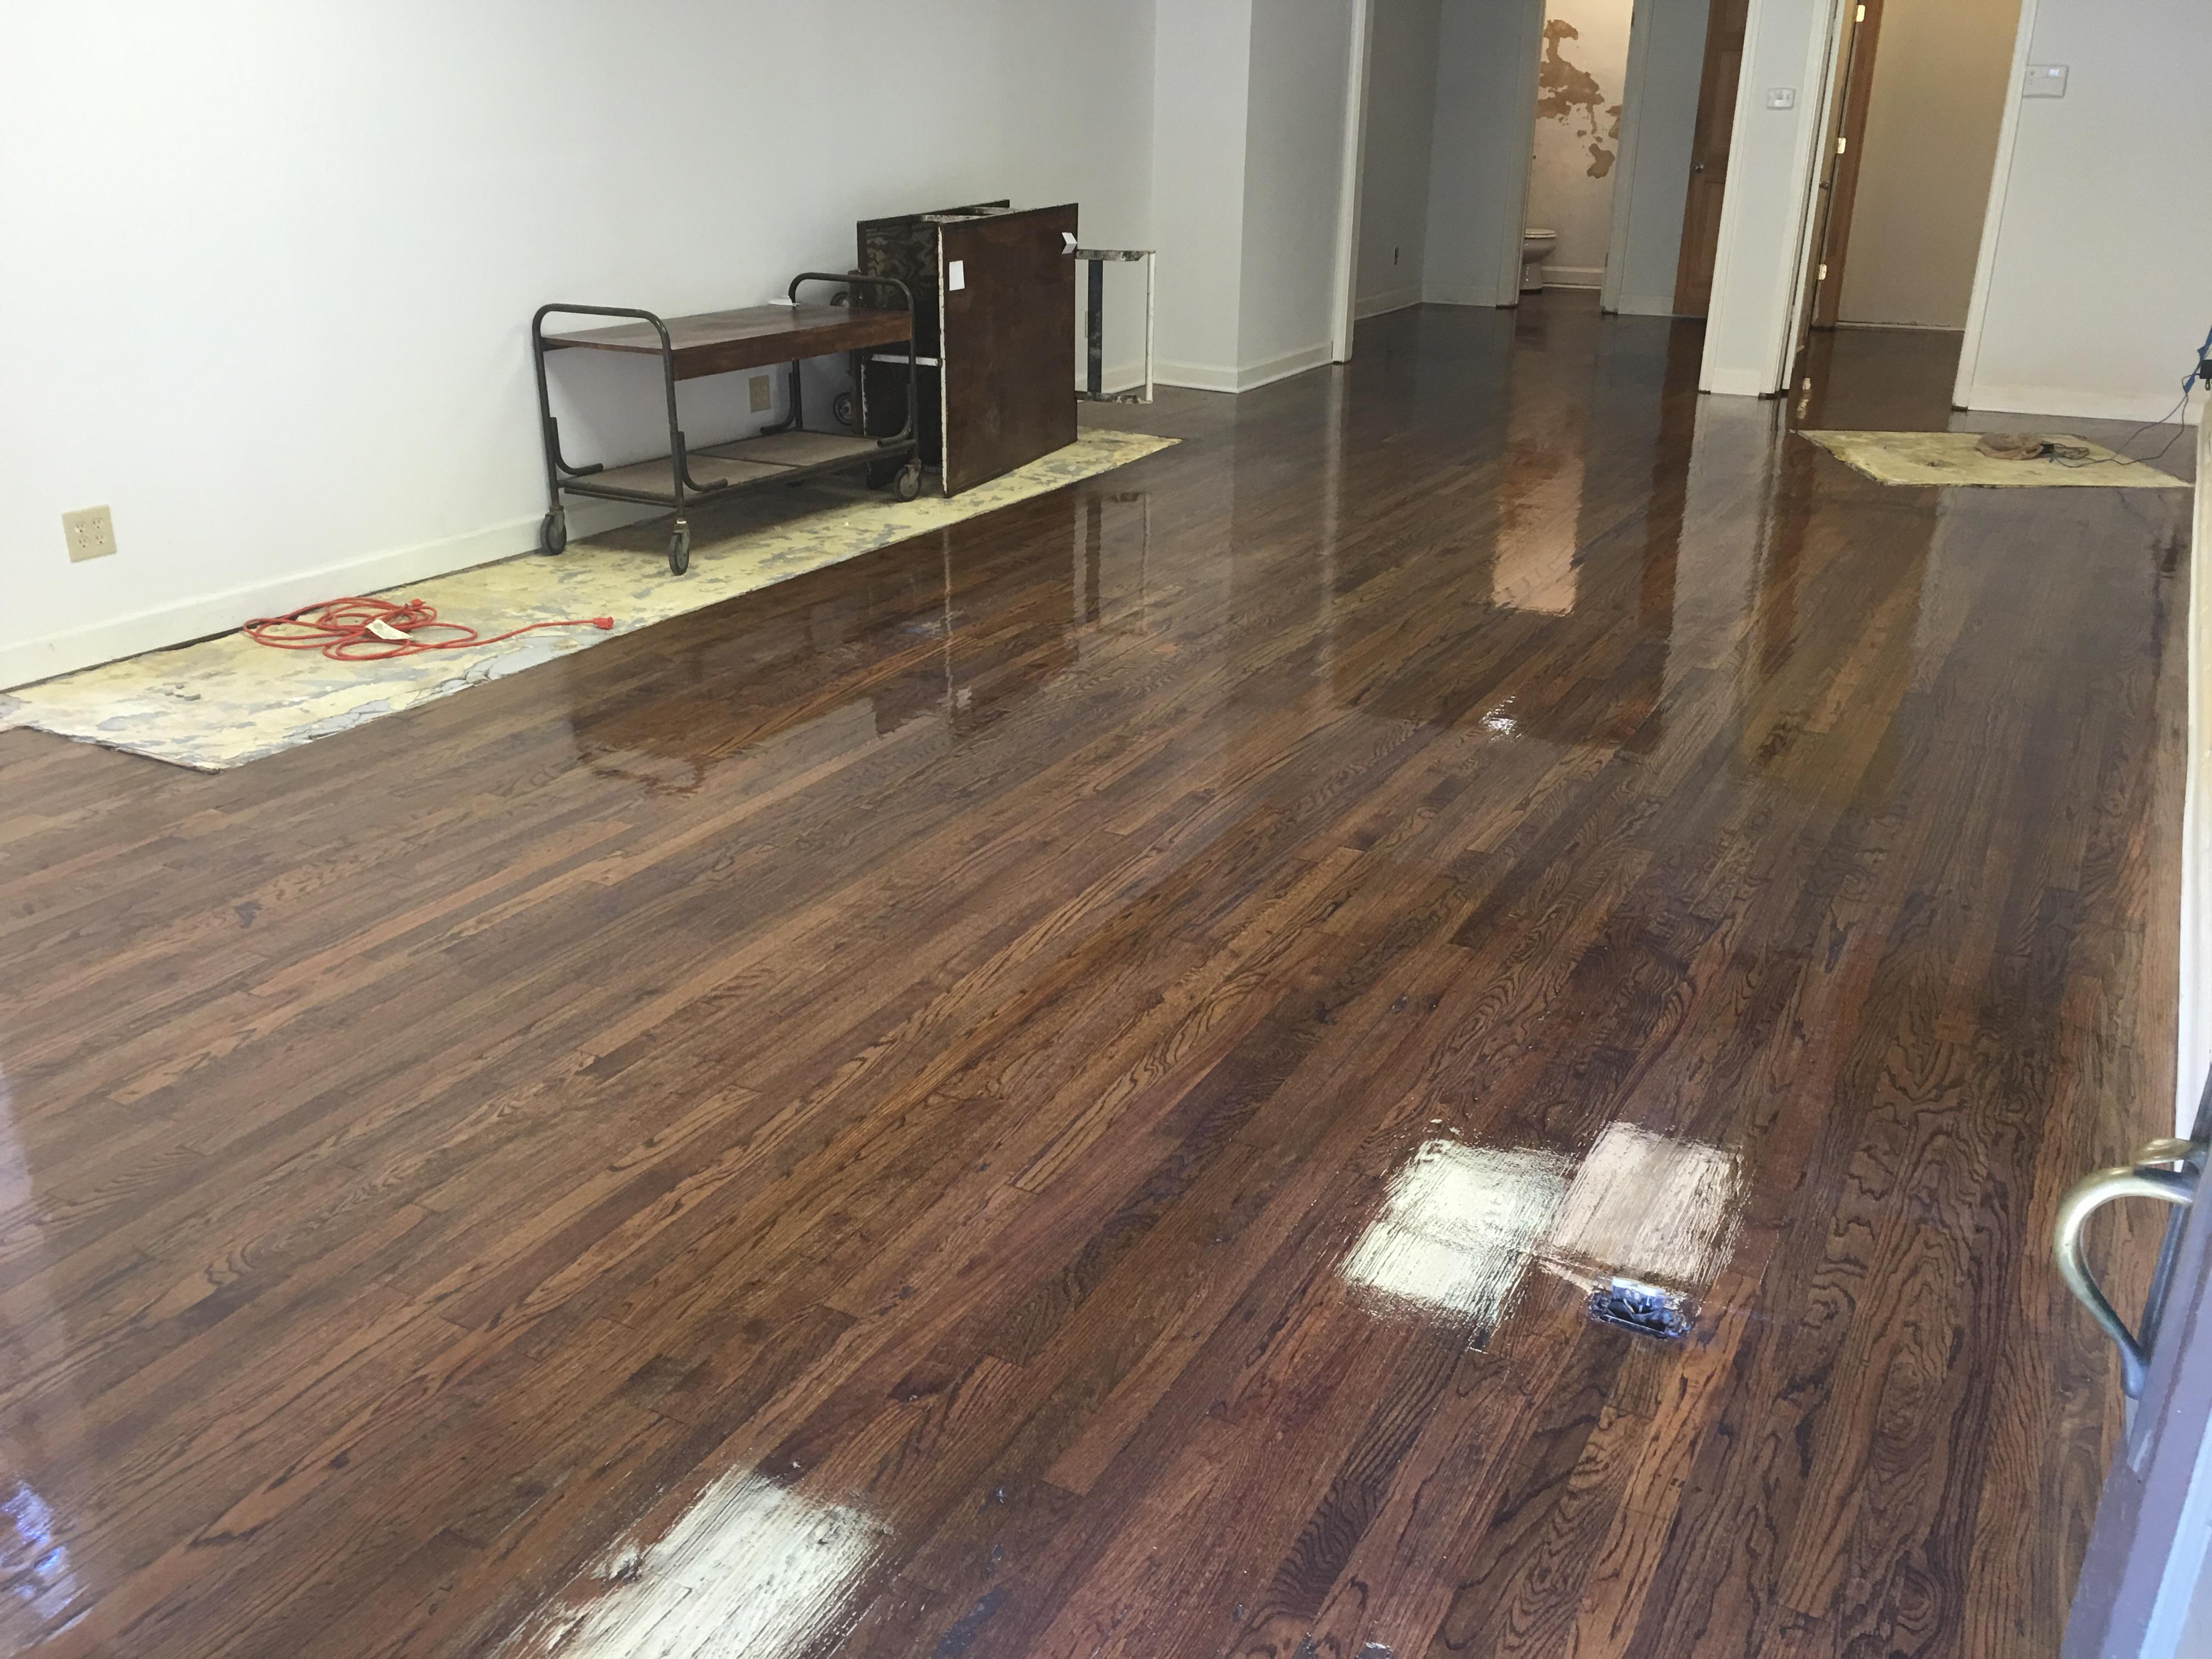 Commercial Space Hardwood Floor Refinishing Hardwood